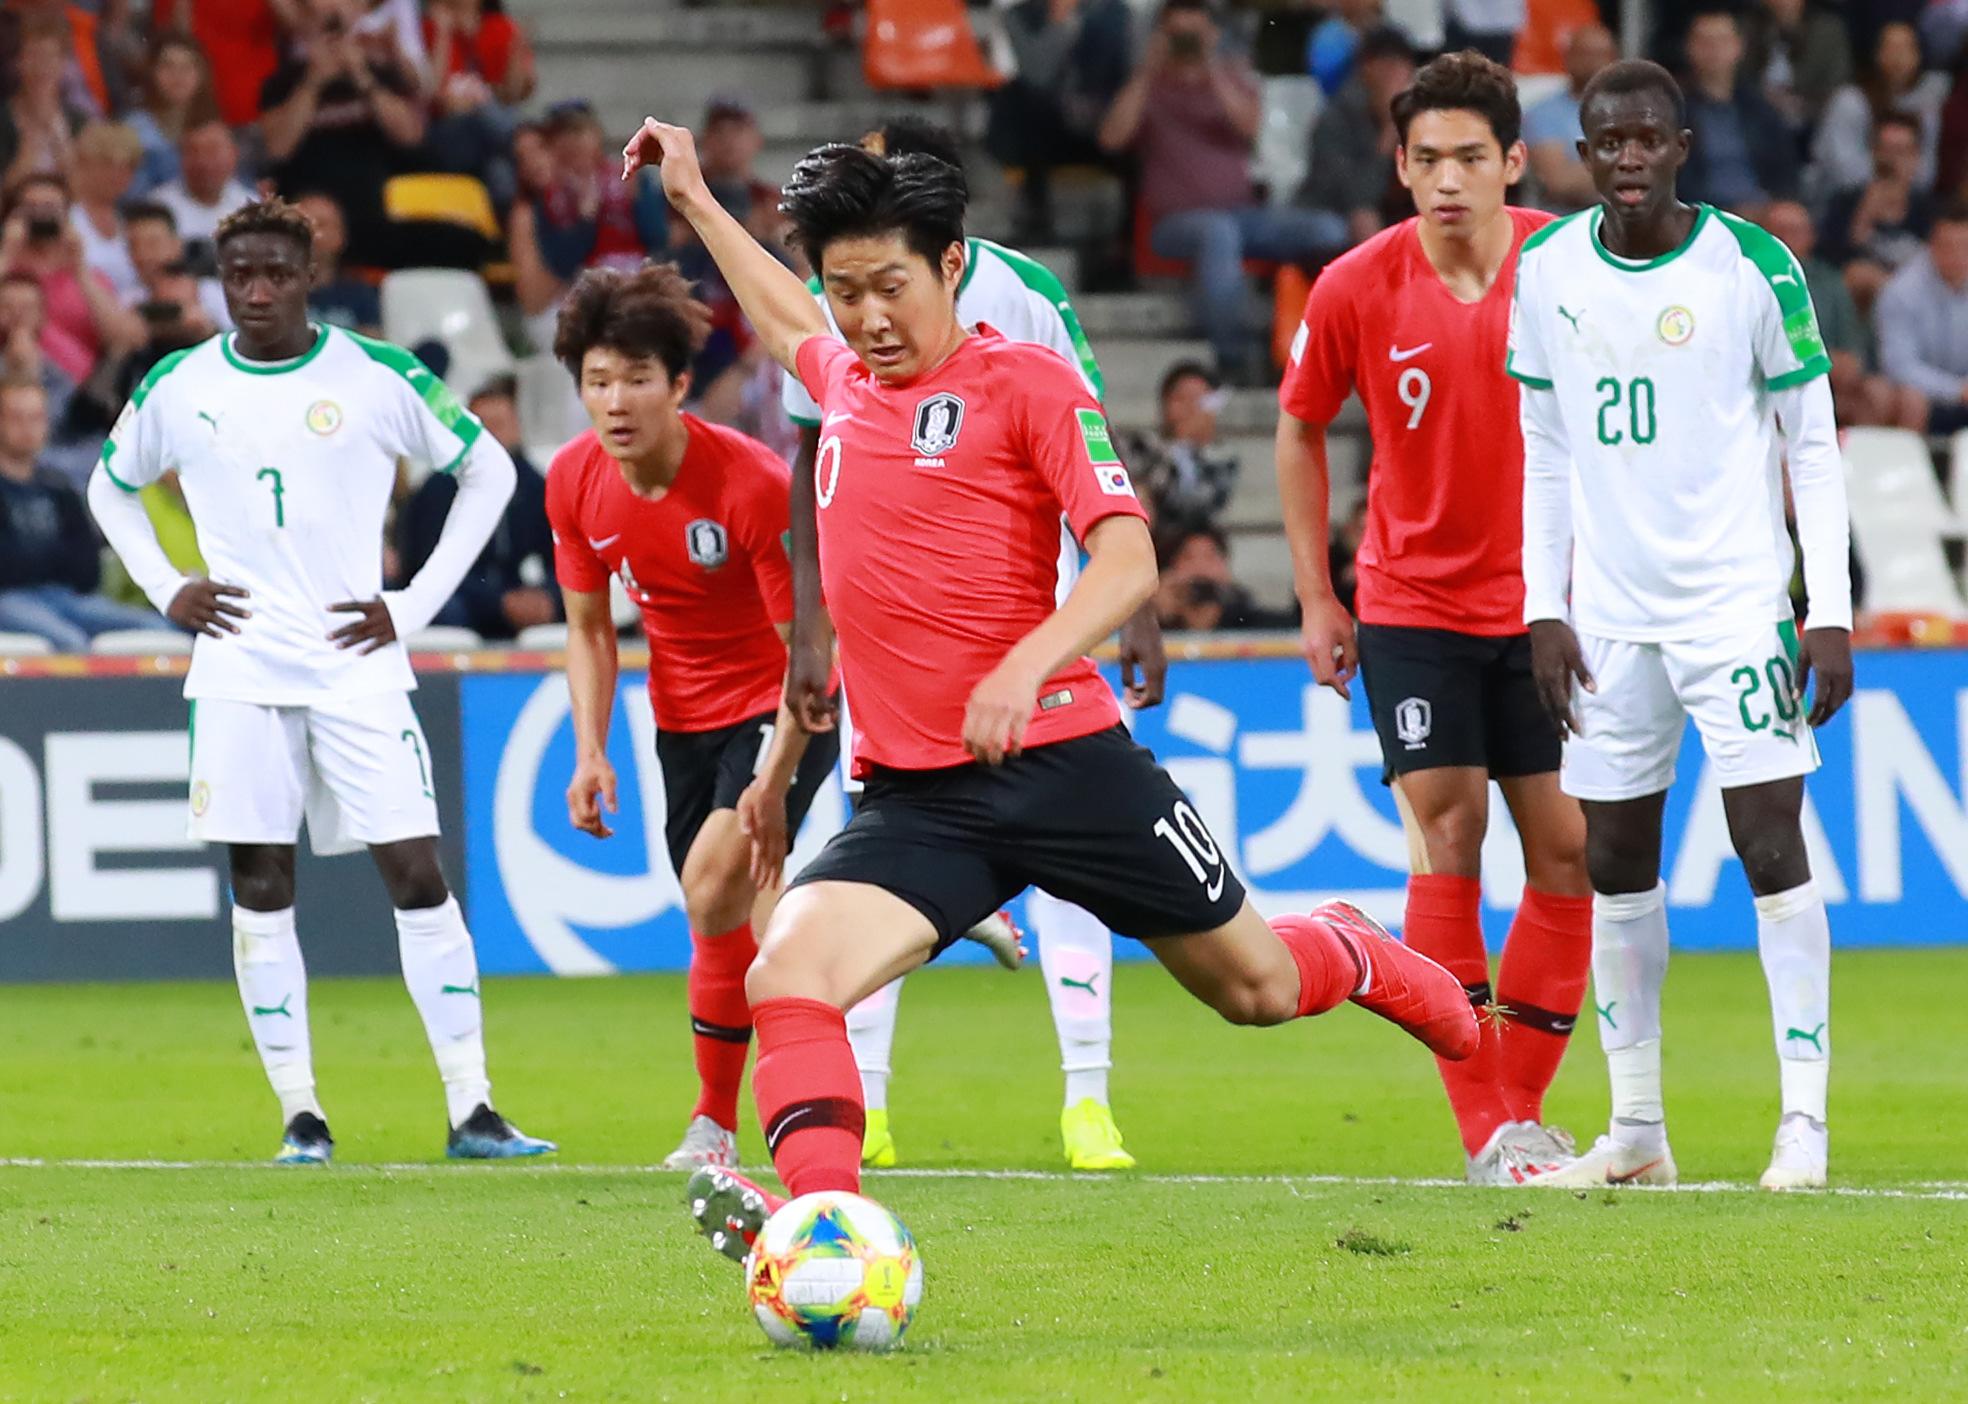 9일 폴란드 비엘스코 비아와 경기장에서 열린 2019 FIFA U-20 월드컵 8강 한국과 세네갈전의 경기.   후반 한국 이강인이 VAR로 얻어낸 패널티킥을 골로 연결하고 있다. [연합뉴]